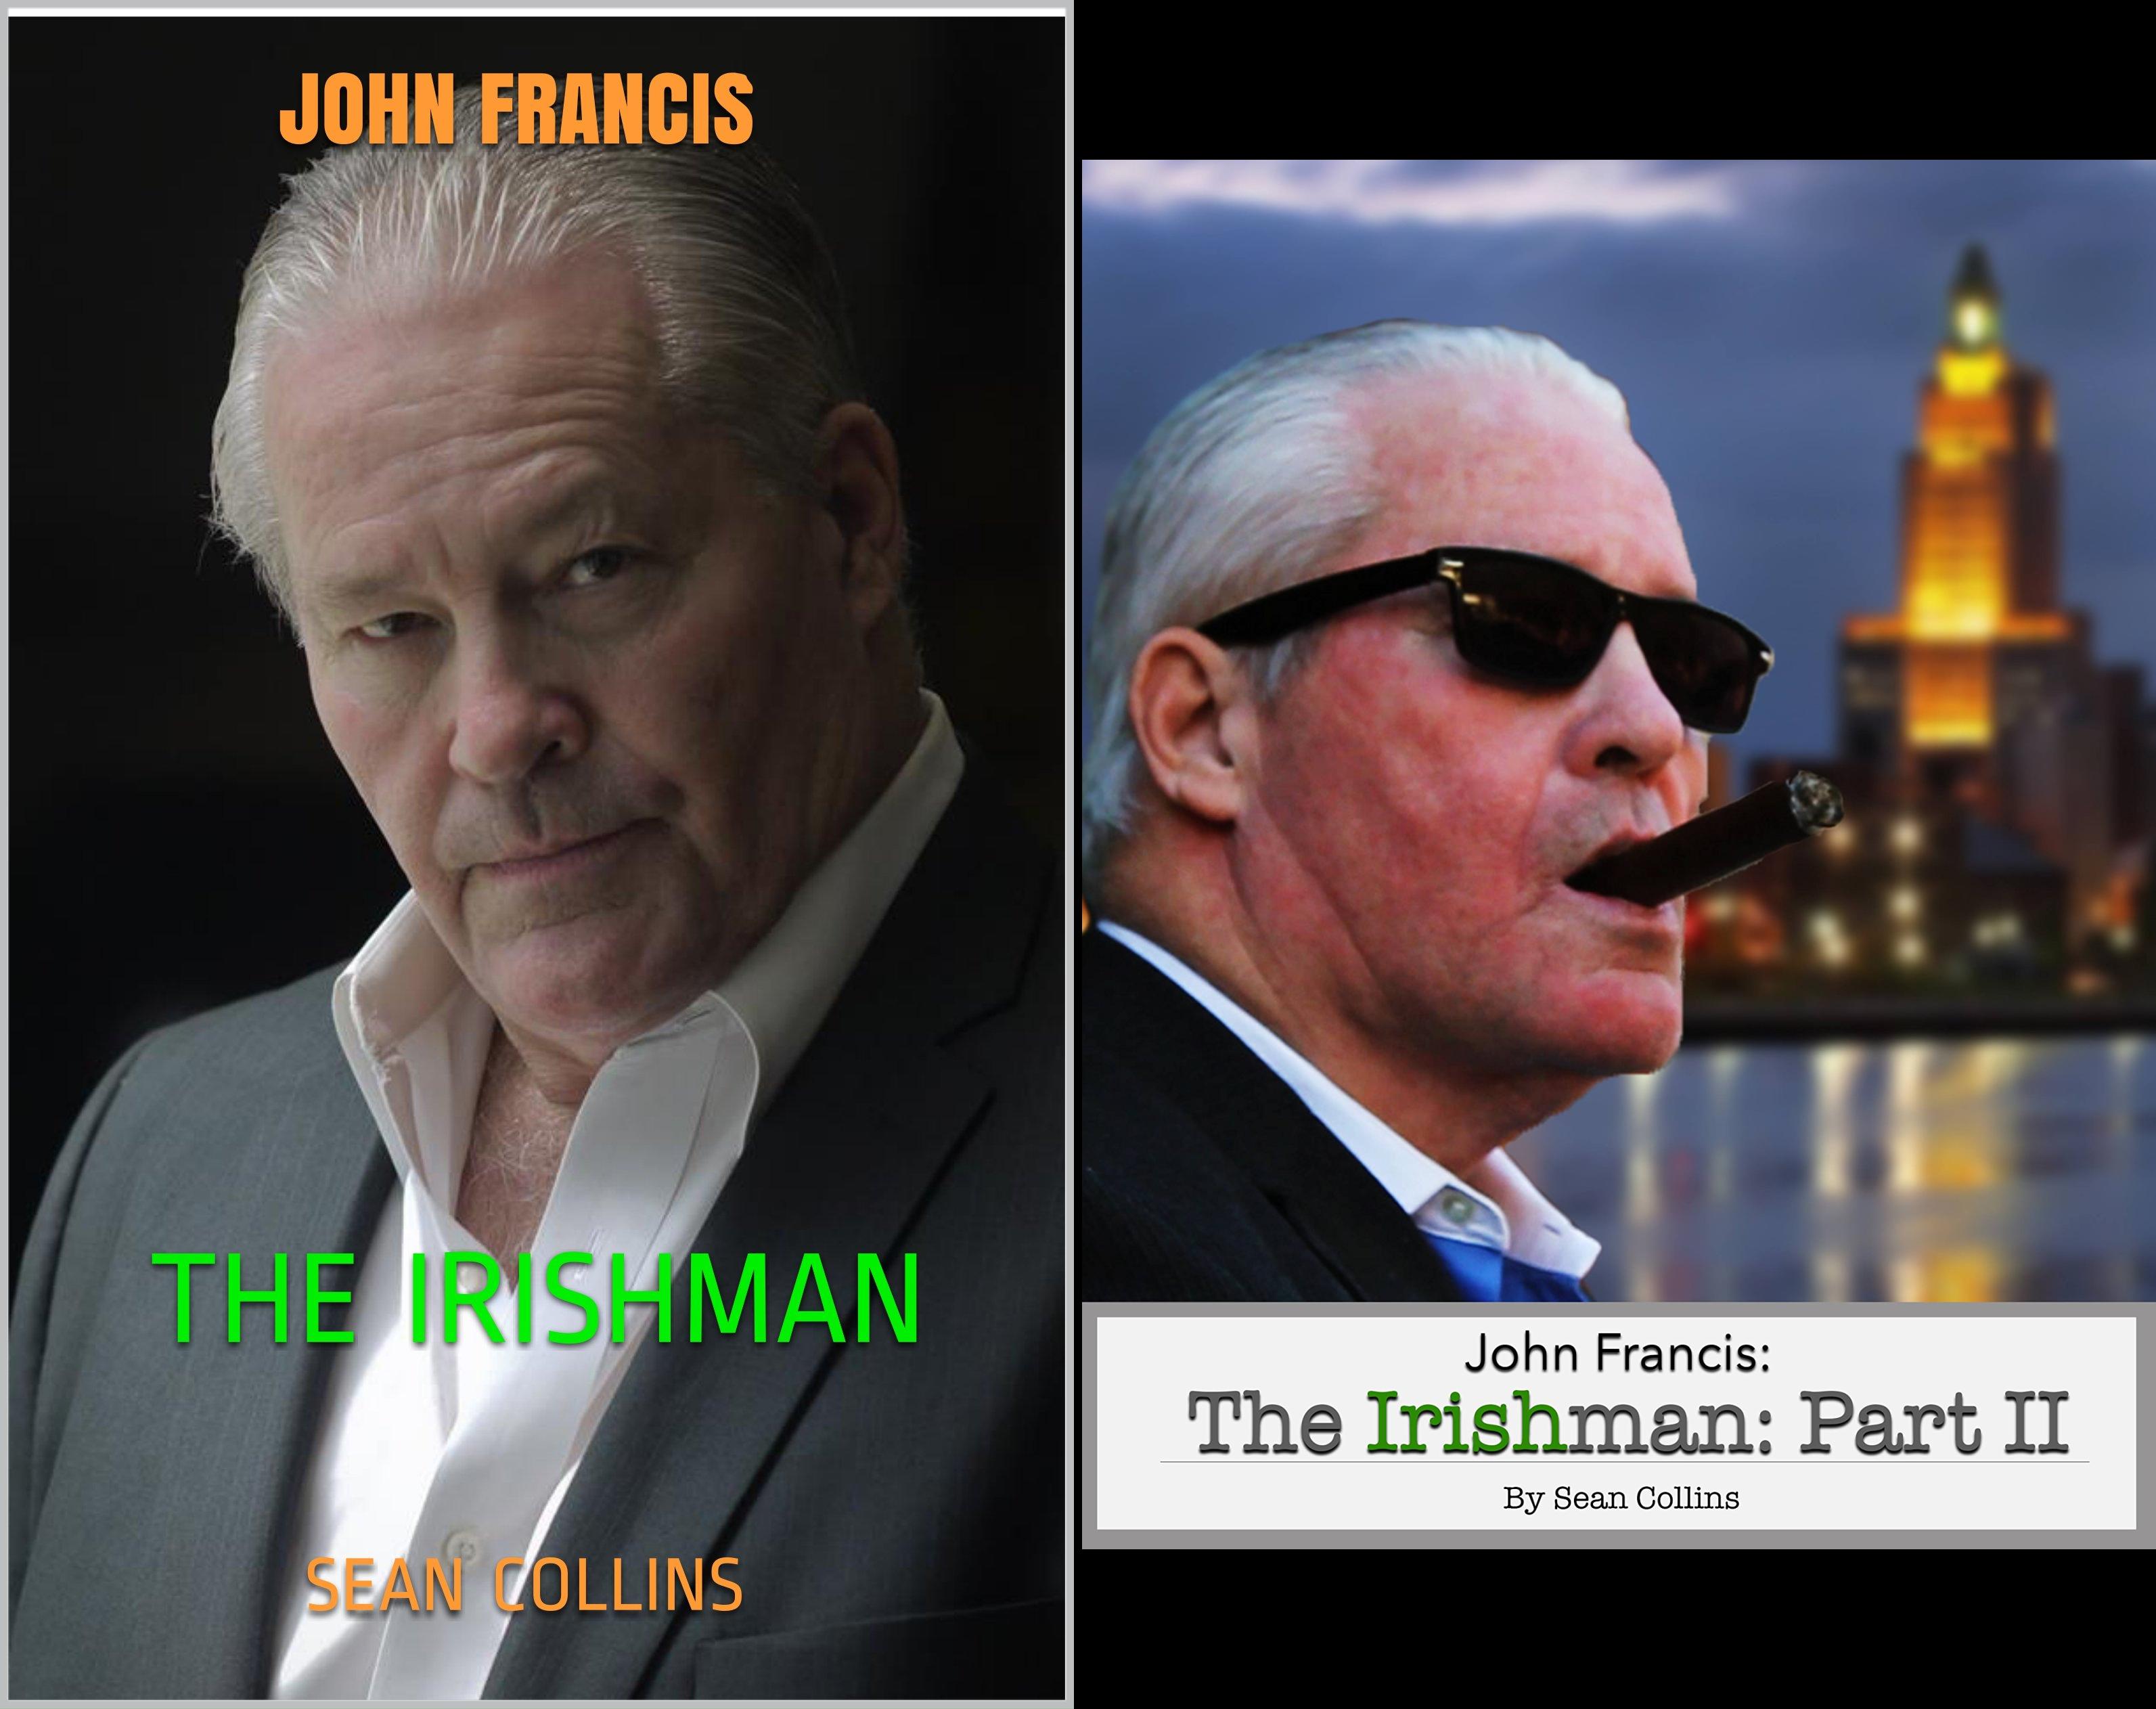 John Francis The Irishman (2 Book Series)